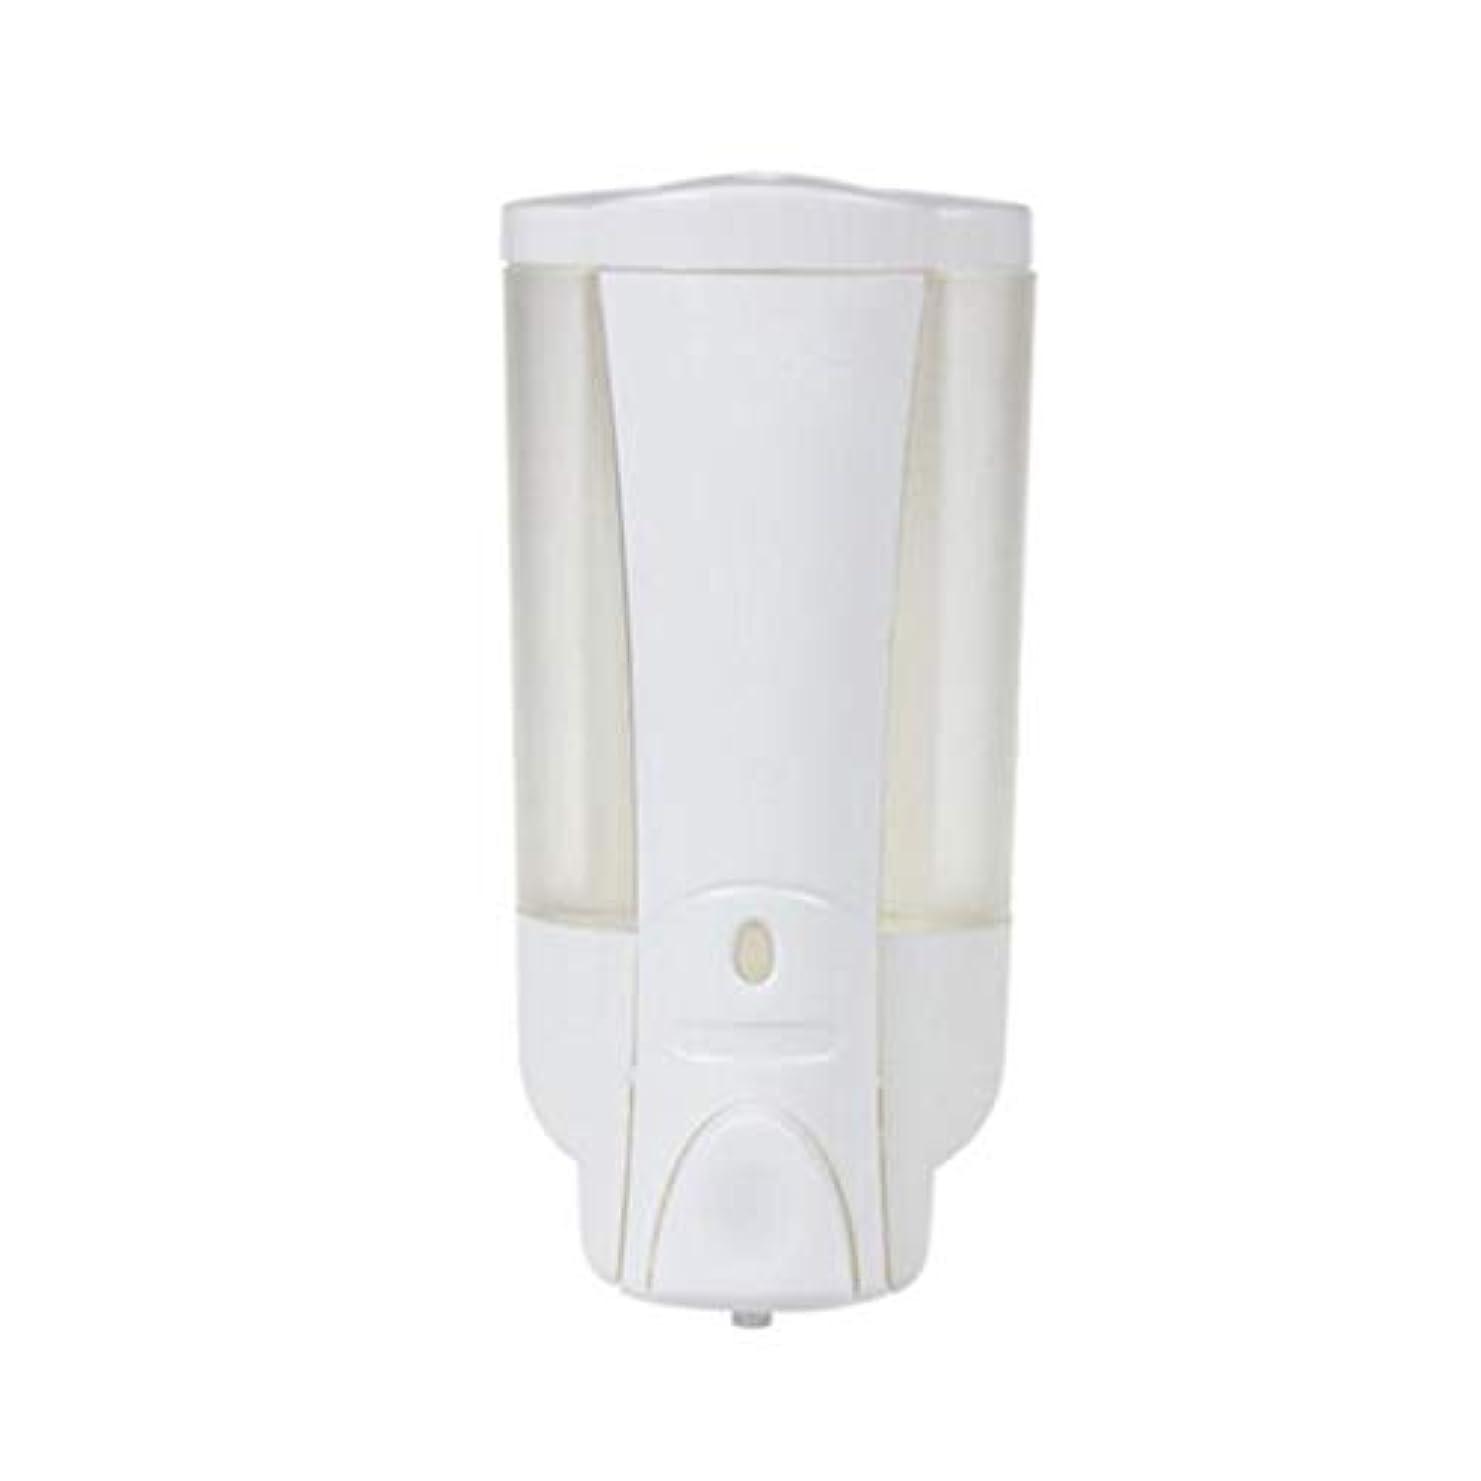 説得名門アジャKylinssh 泡立つ石鹸ディスペンサー450ml容量、石鹸、DIY液体石鹸、皿石鹸、ボディウォッシュなどに使用するための空のプラスチック液体石鹸ポンプボトル